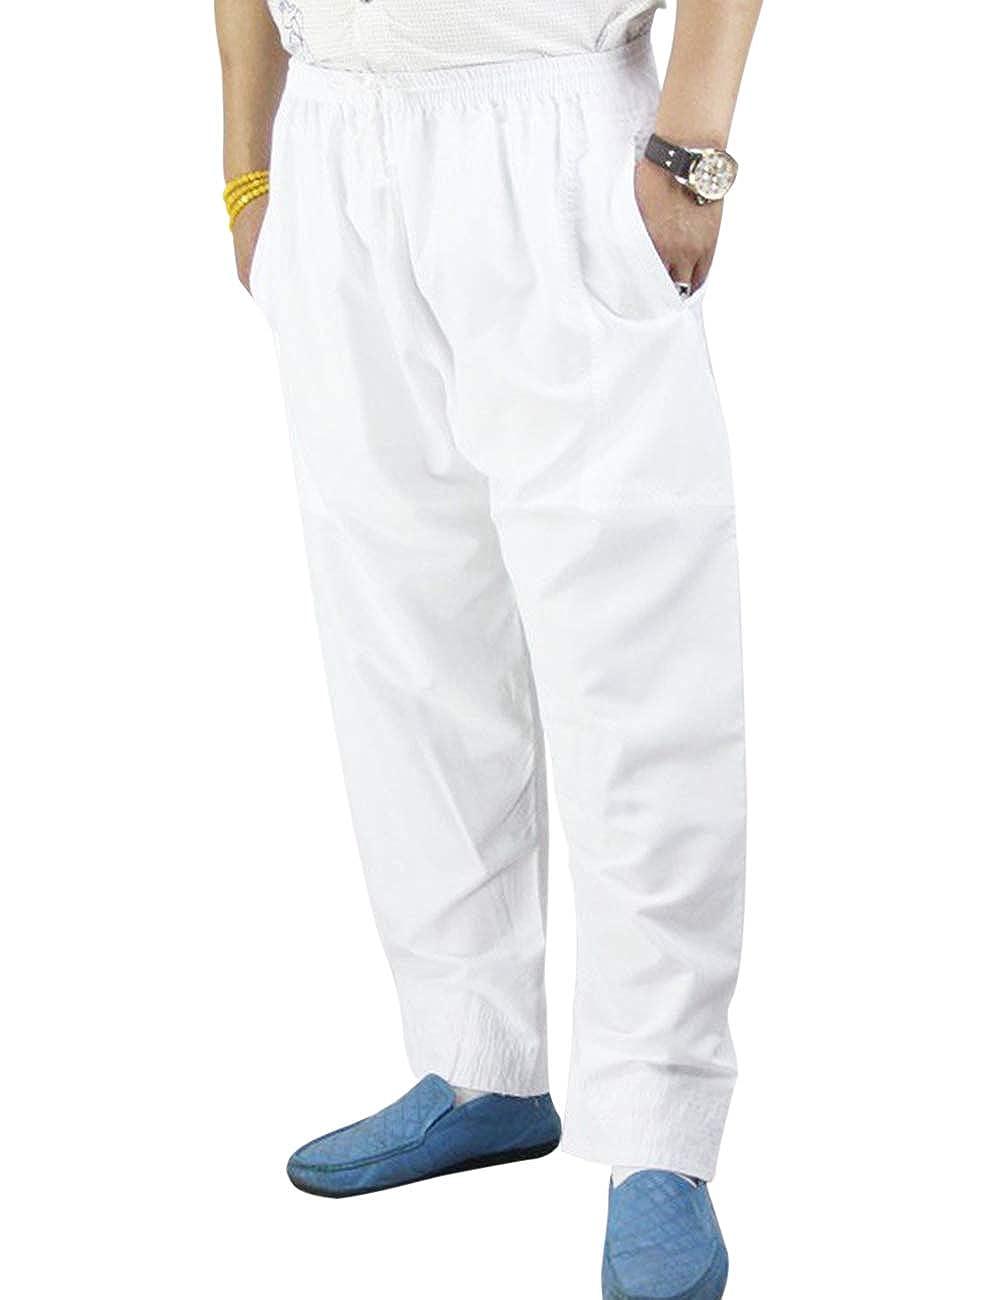 TALLA XL. besbomig Suelto Musulmanes Culto Pantalones Hombres Casual Yoga Pantalon - Turco Dubai Pantalones para Pilates Al Aire Libre Viajar